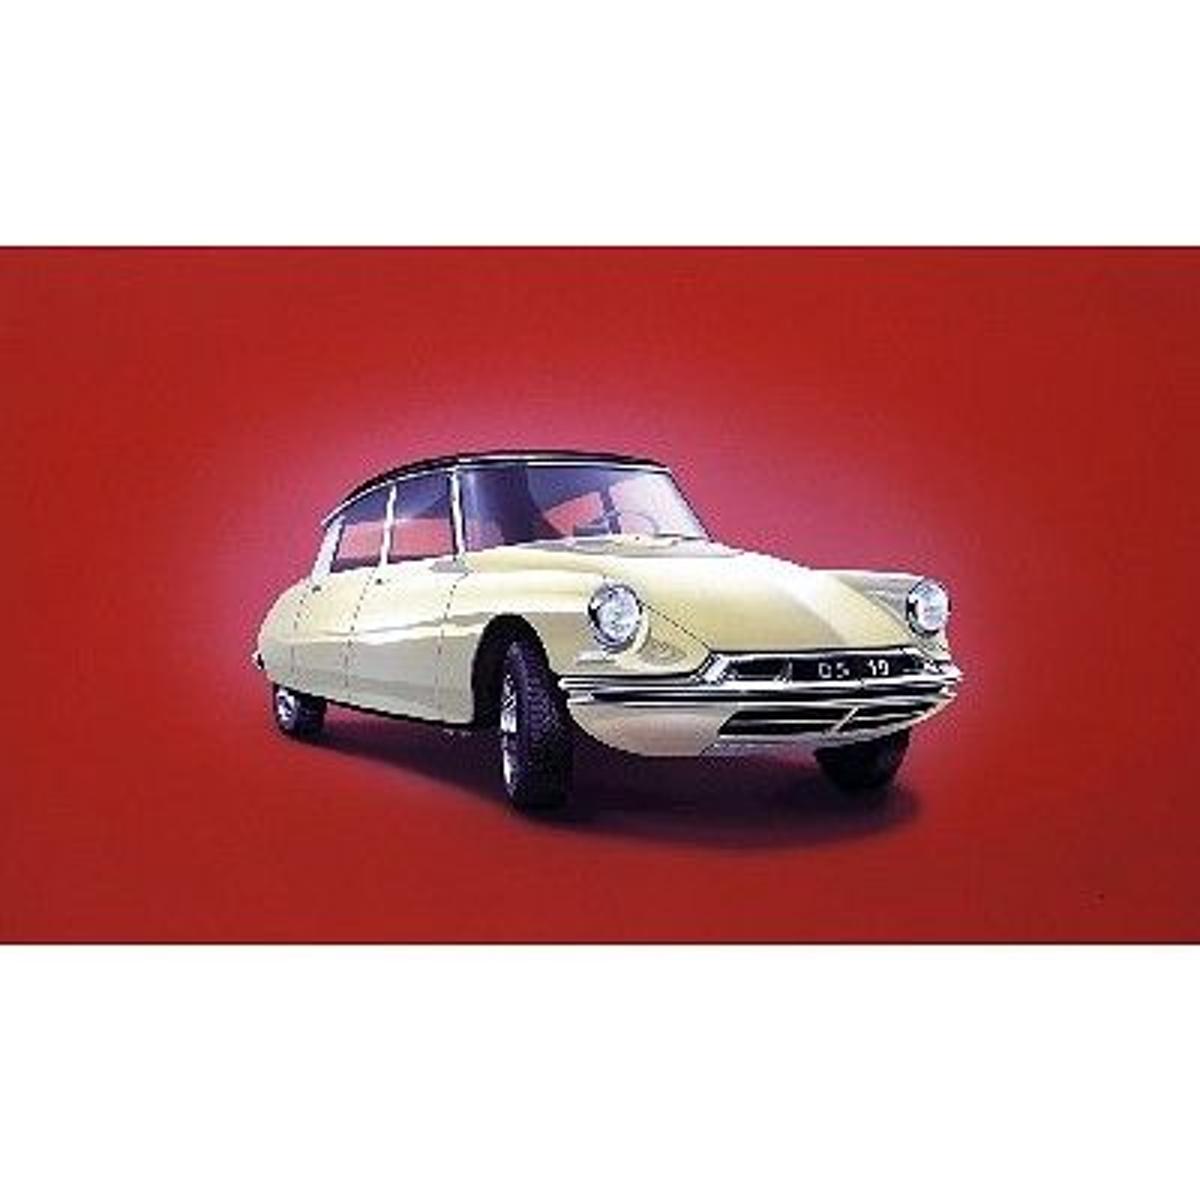 Maquette voiture : Citroën DS 19 blanche